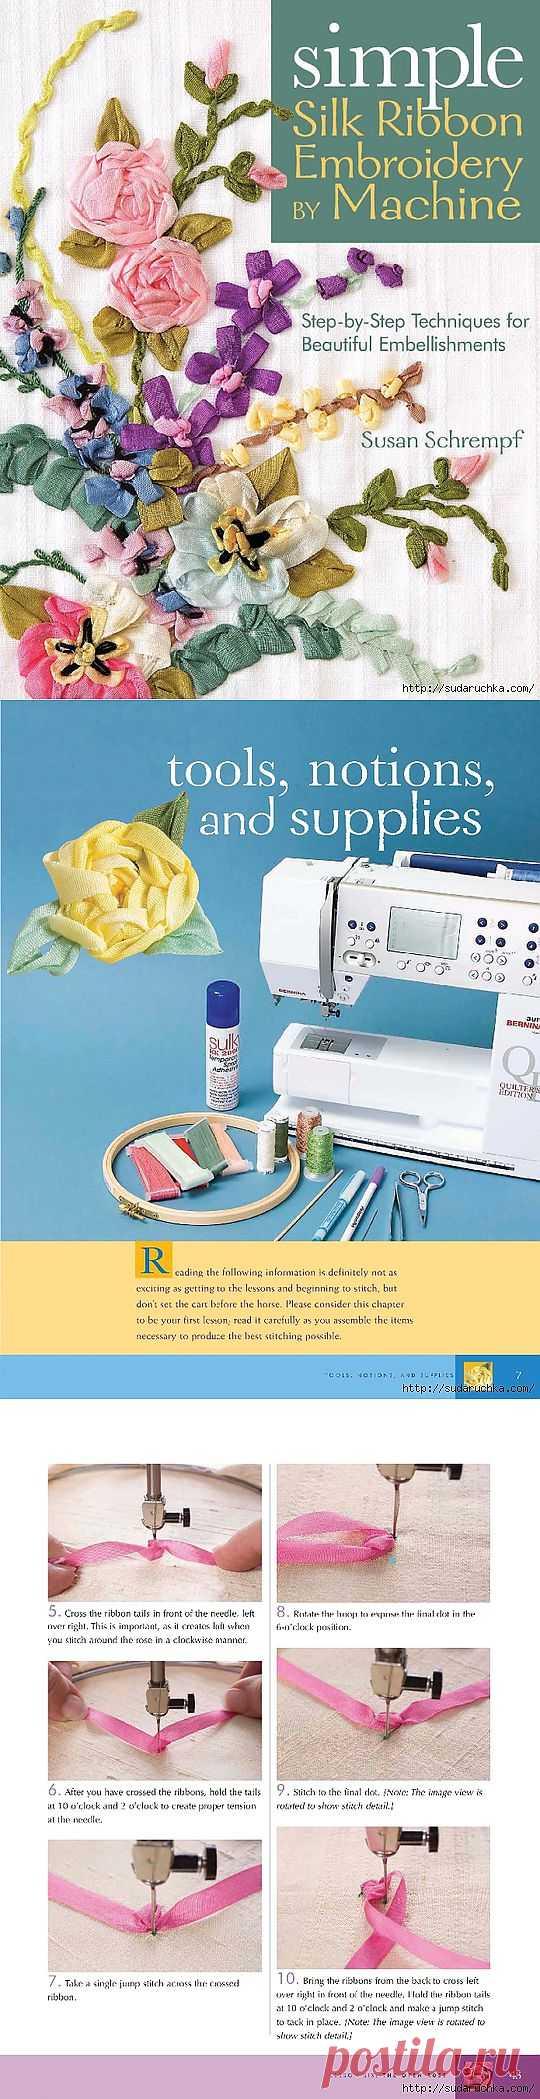 """""""Вышивка шелковыми лентами - на швейной машине"""". Книга по рукоделию.."""